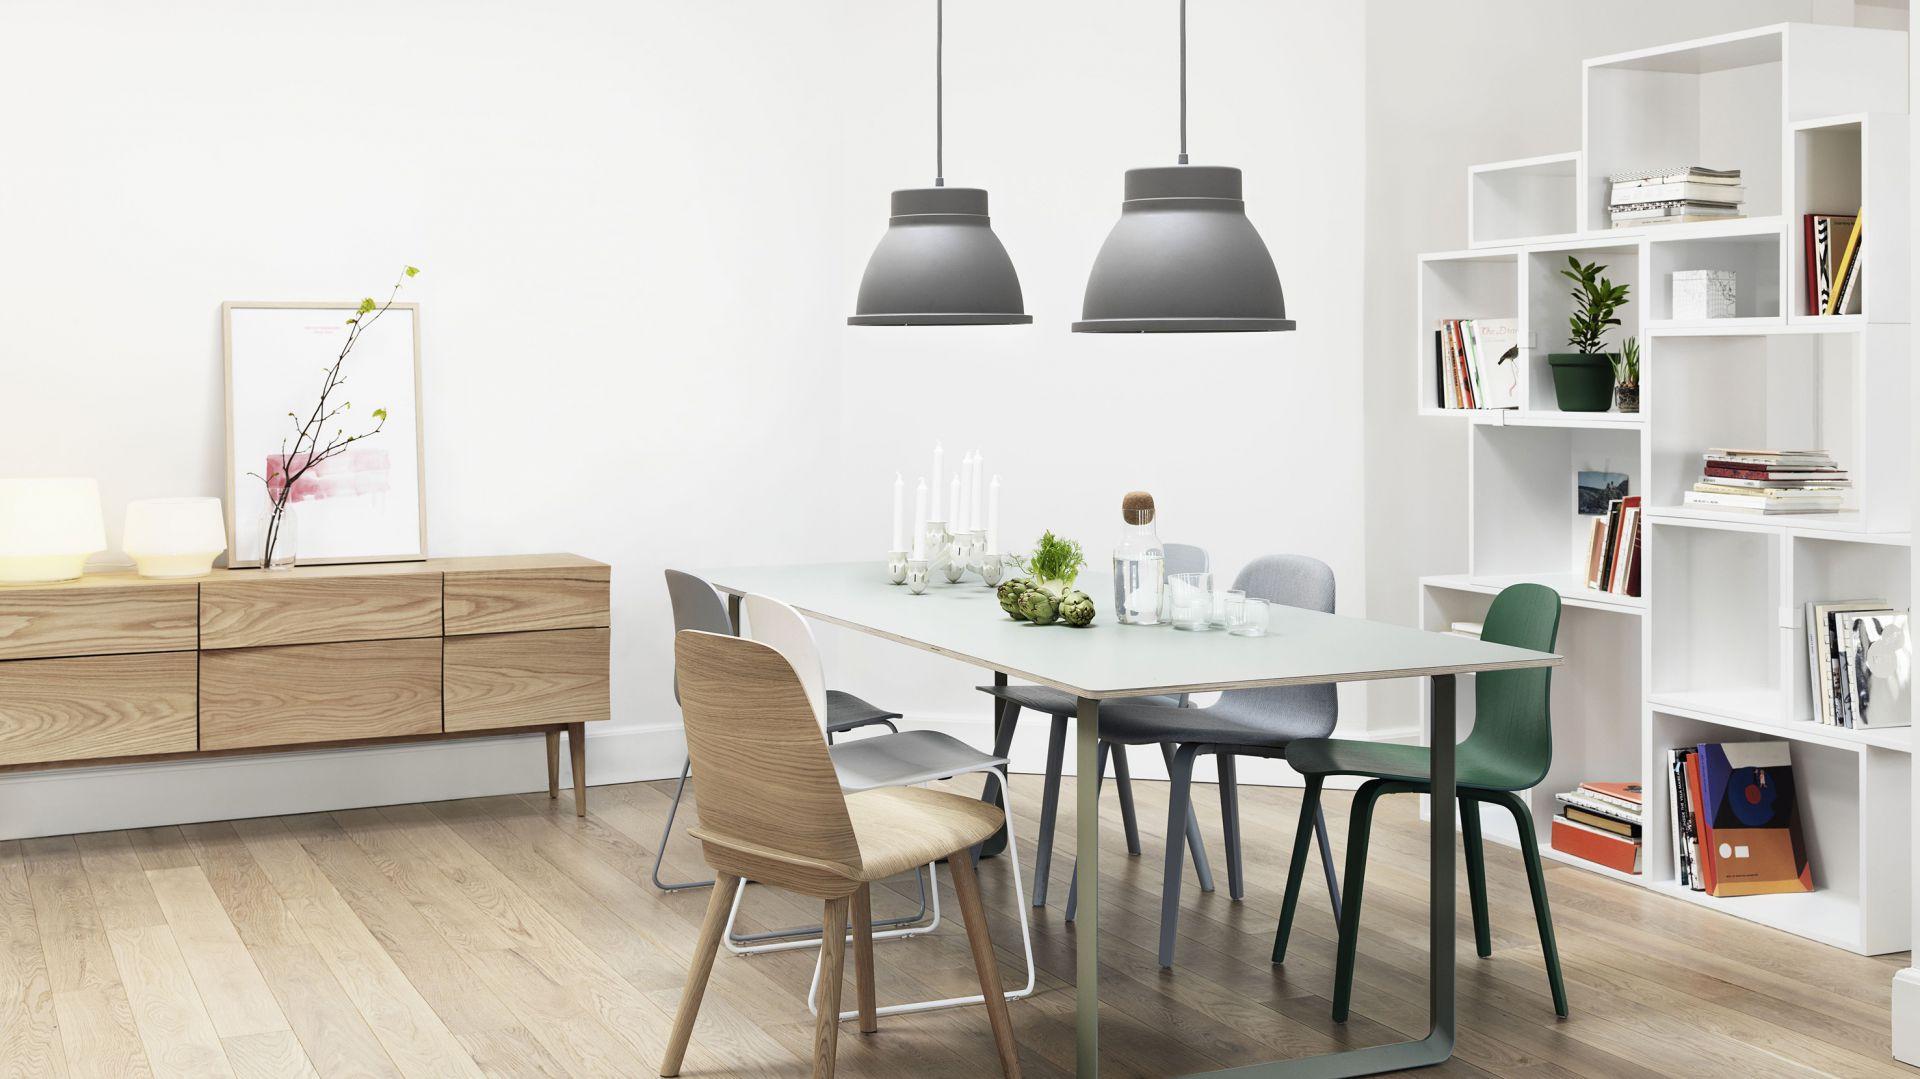 Lampy w wiosenno-letniej kolekcji marki Muuto. Na zdjęciu: lampa wisząca w industrialnym stylu w kolorze szarym. Fot. Muuto.